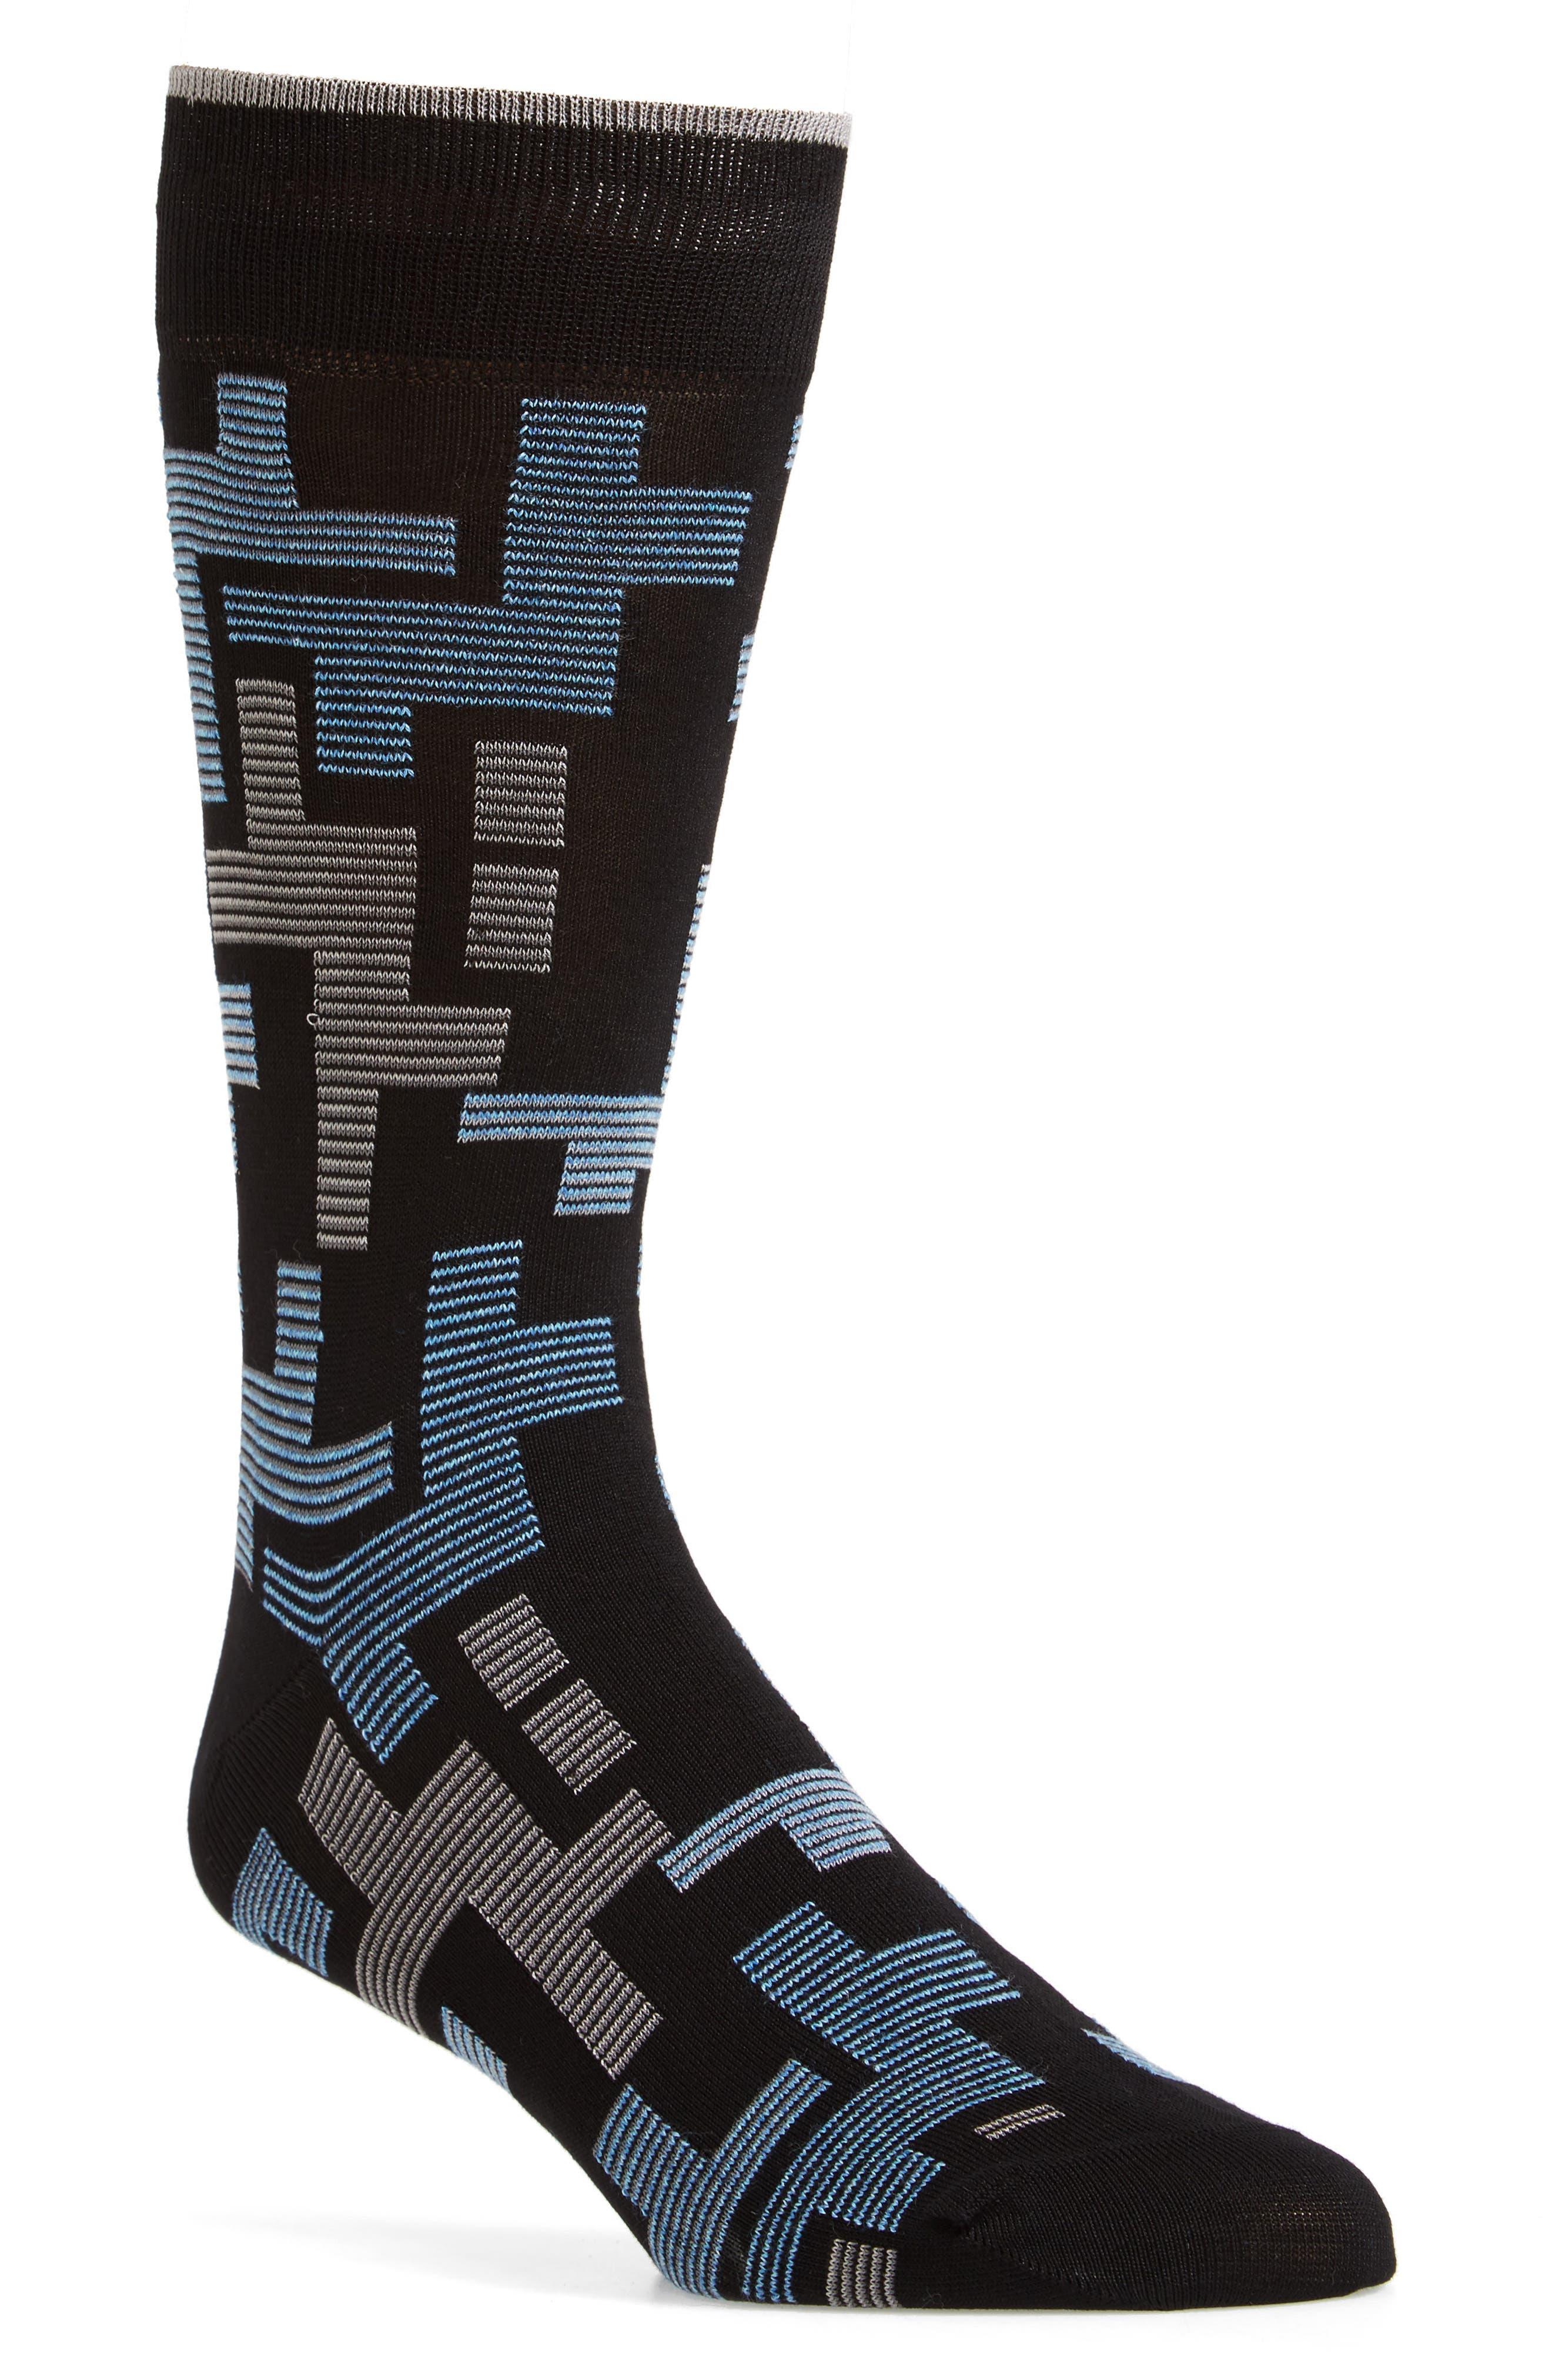 Alternate Image 1 Selected - Bugatchi Geometric Mercerized Socks